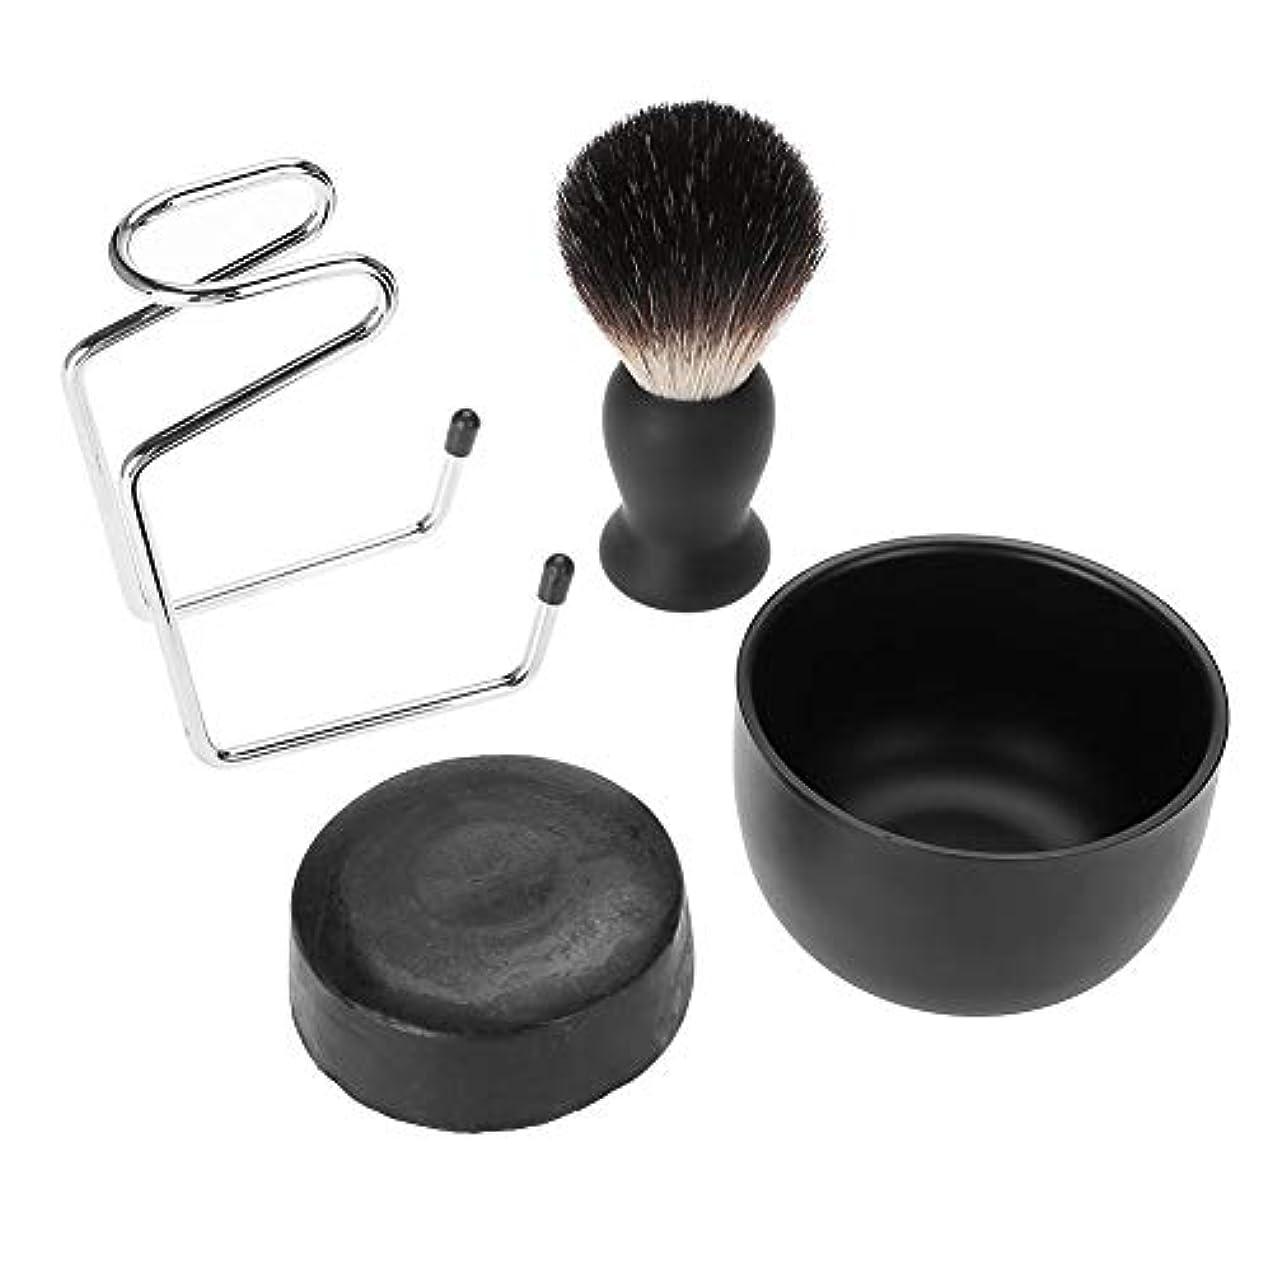 岸出力バックひげ剃りセット、ひげ剃りツールキット付きシェービングブラシ+ブラシスタンド+シェービングソープ+男性用ギフトサロンホームトラベル使用